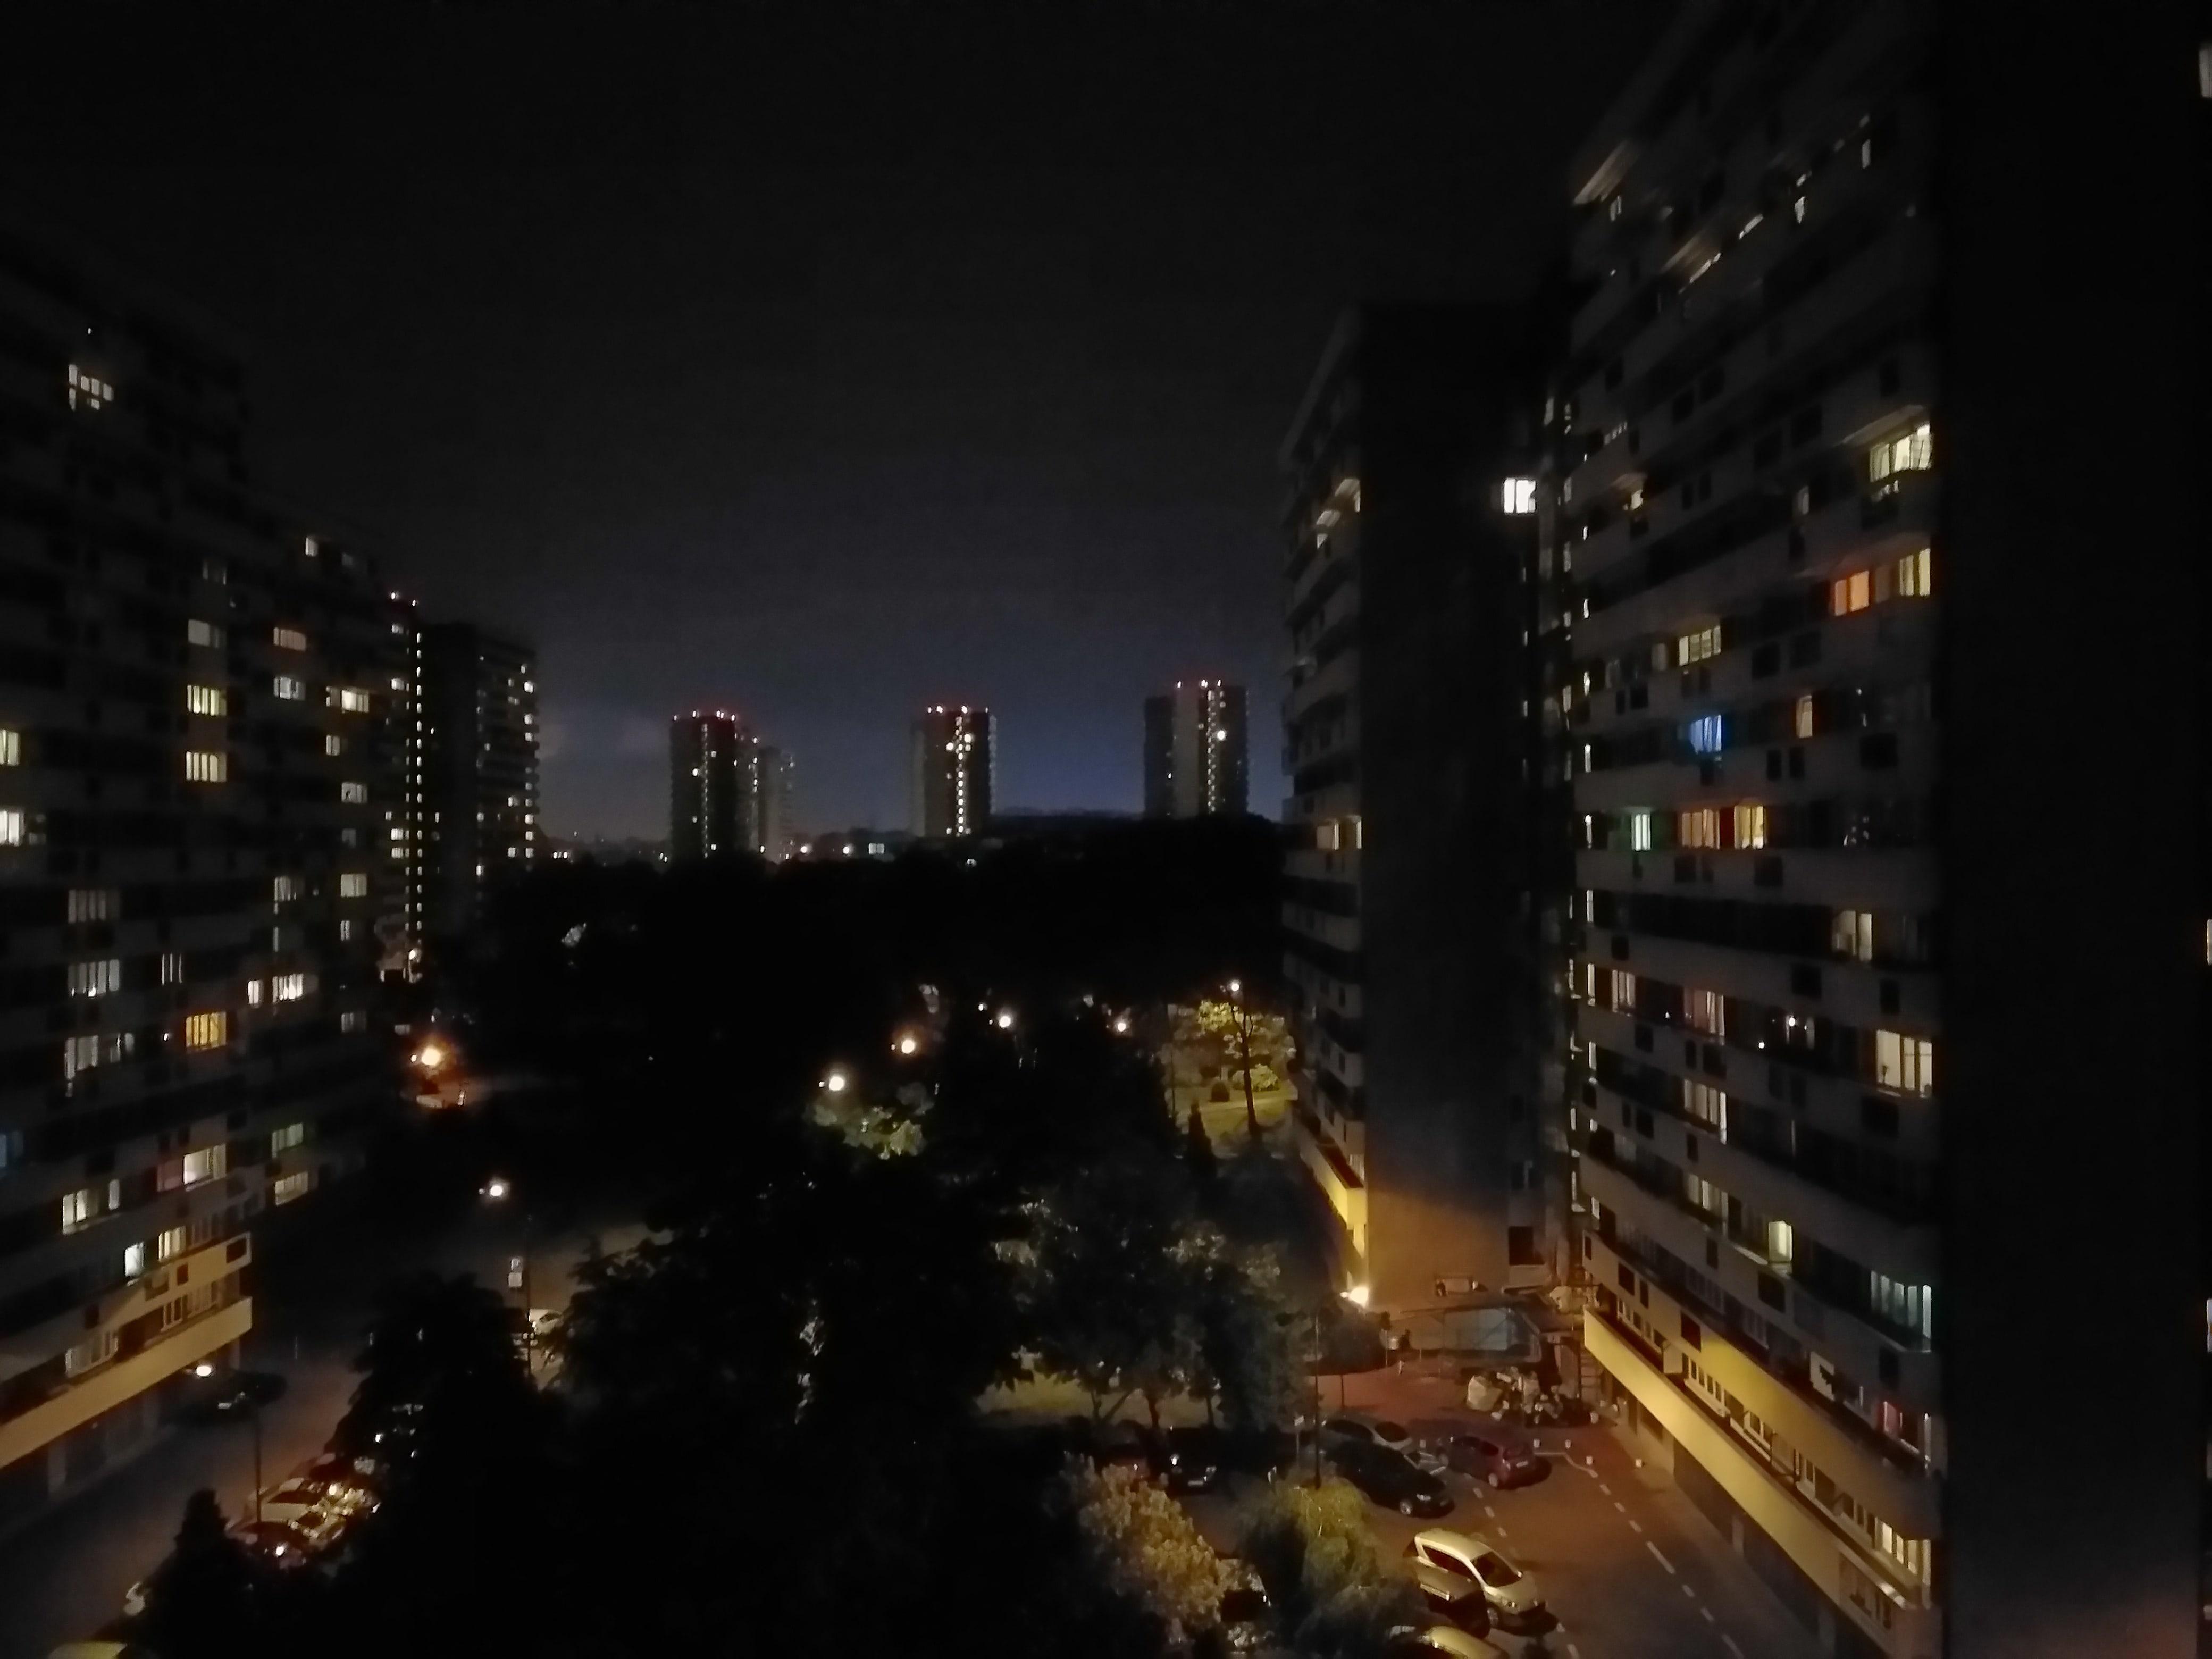 Zdjęcia nocne - Wiko VIEW